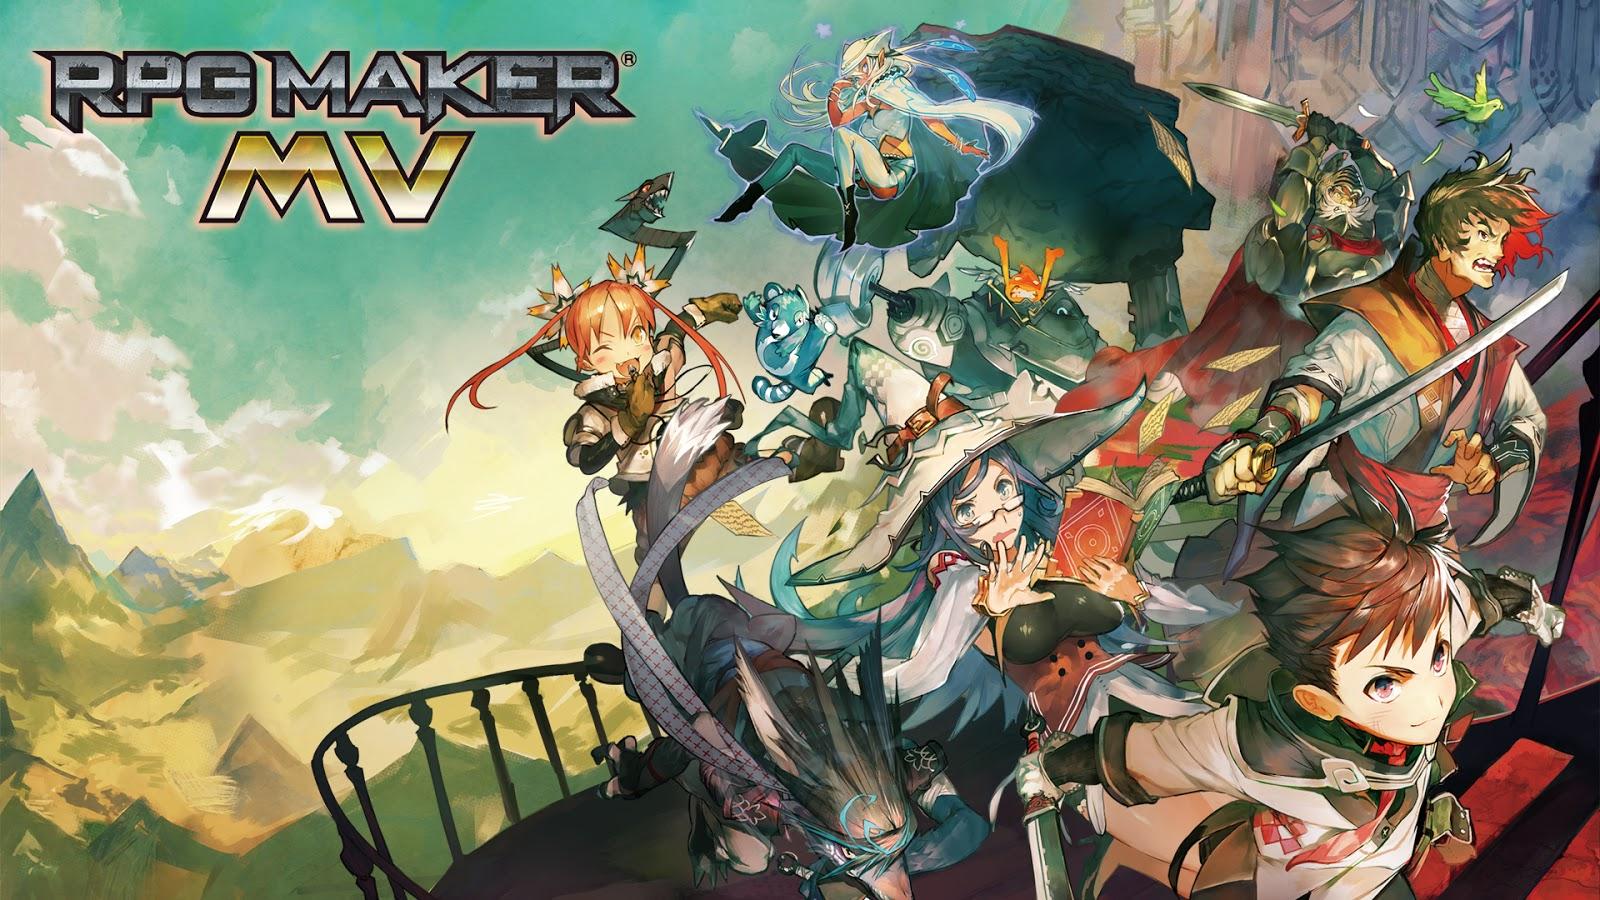 RPG Maker MV 1.6.2 Crack with DLC Pack 2020 Free Download